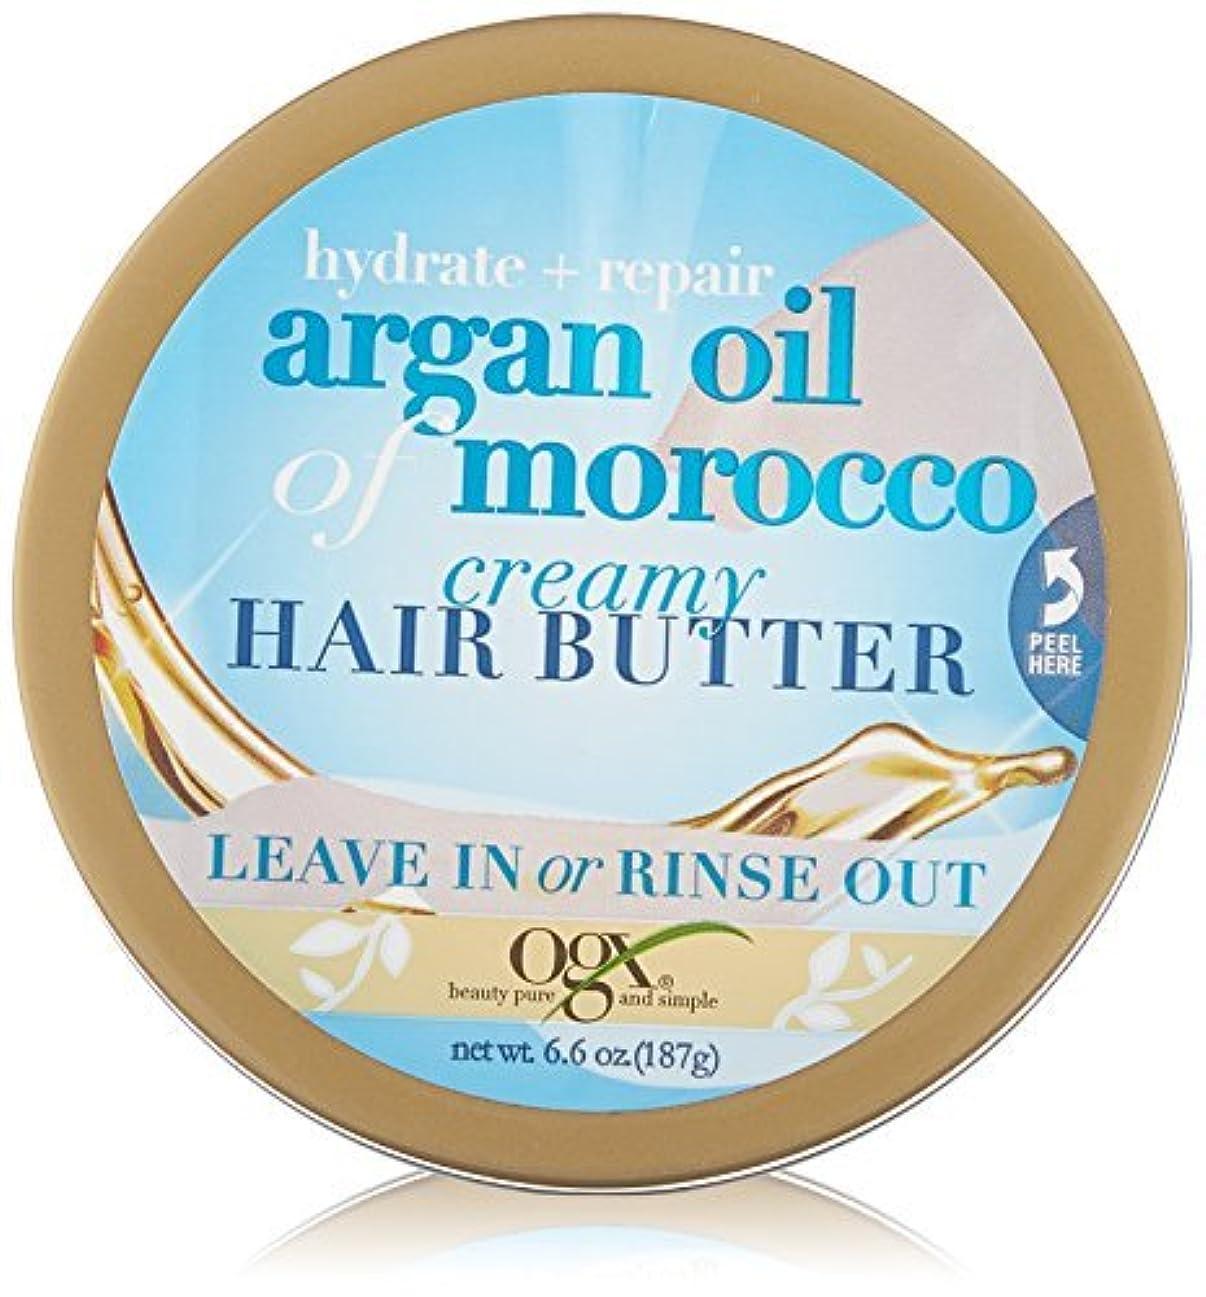 参加する忘れられないの面ではOGX Hydrate Plus Repair Argan Oil of Morocco, 6.6 Ounce [並行輸入品]